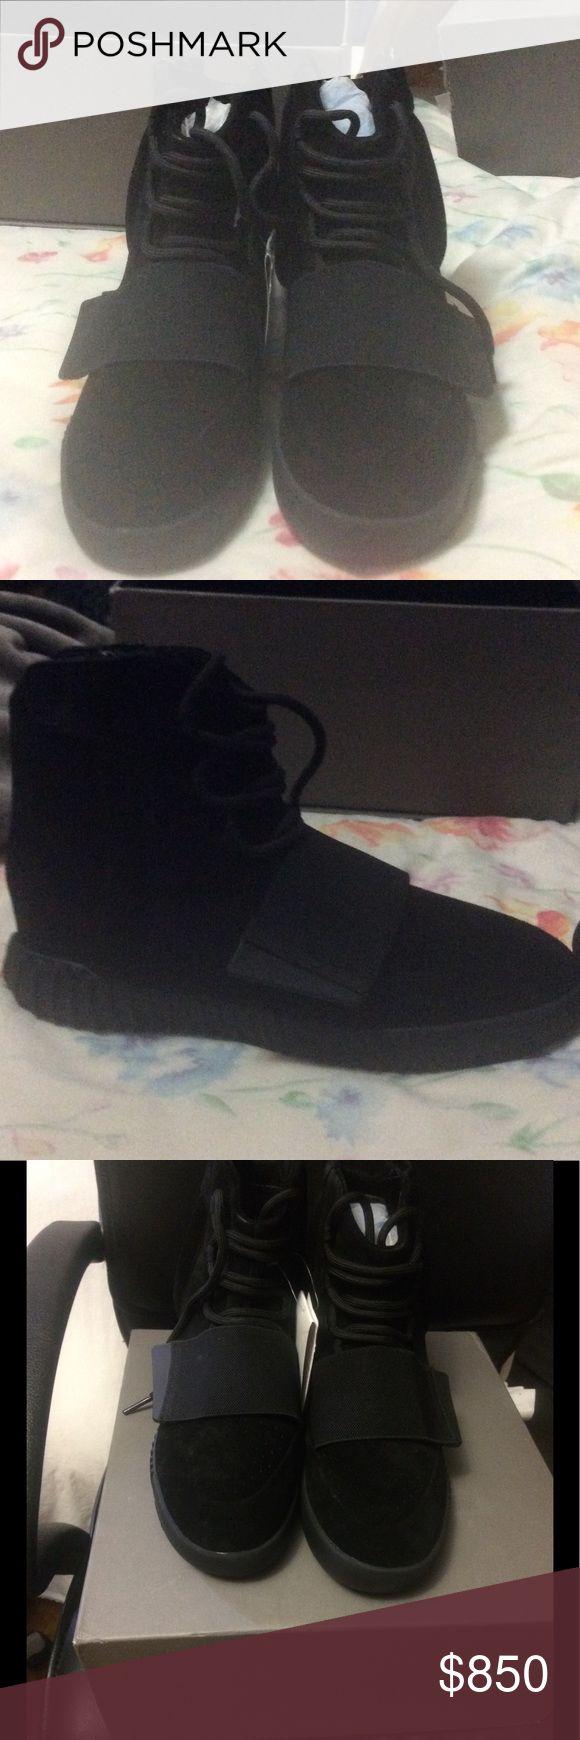 Original Yeezy 750 Boost Yeezy 750 boost black Yeezy Shoes Sneakers